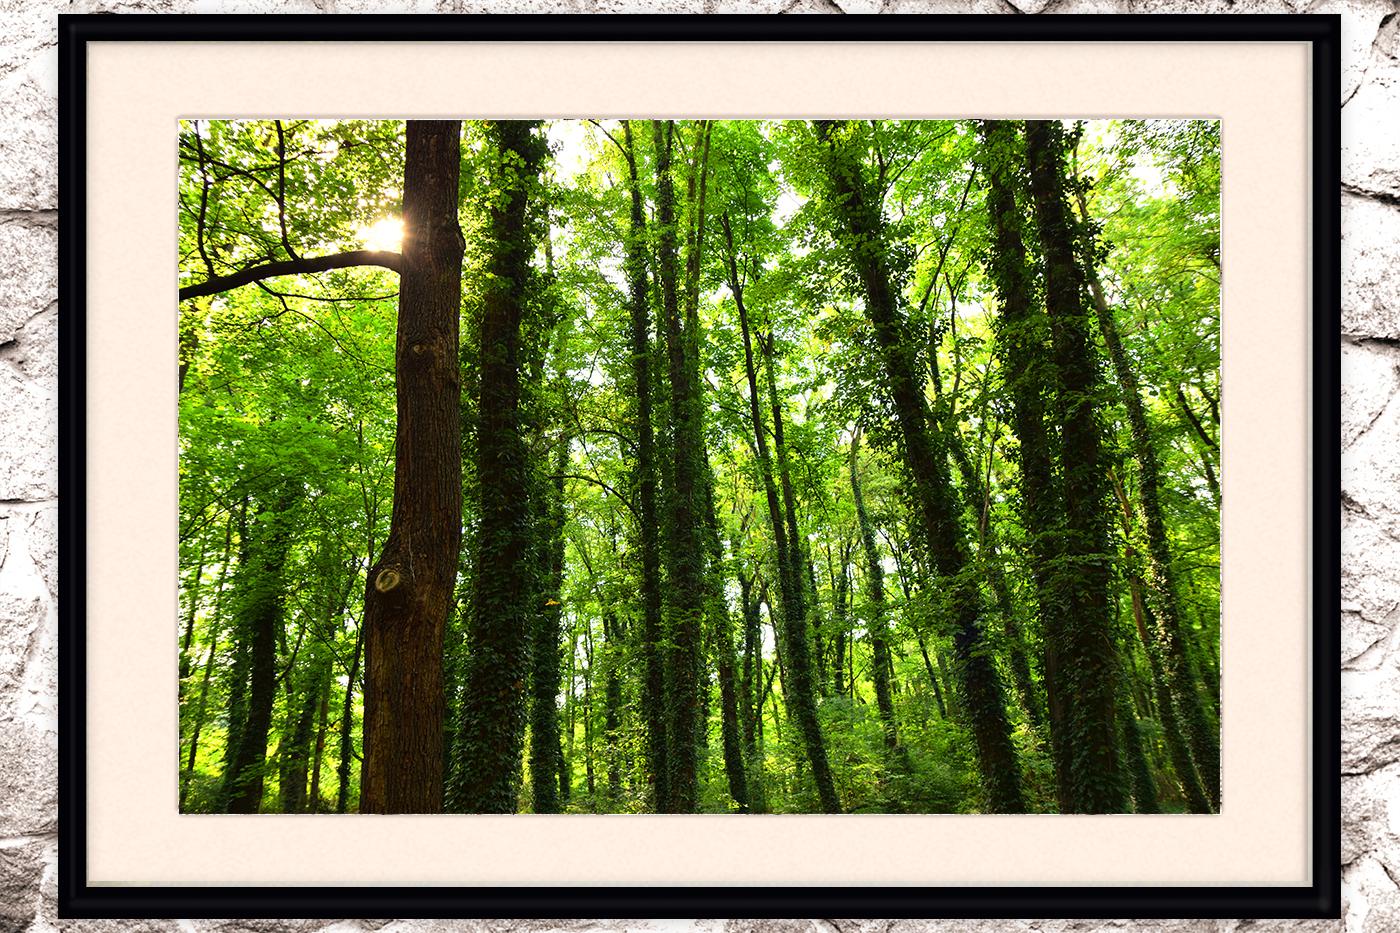 Nature photo, landscape photo, forest photo, spring photo example image 2